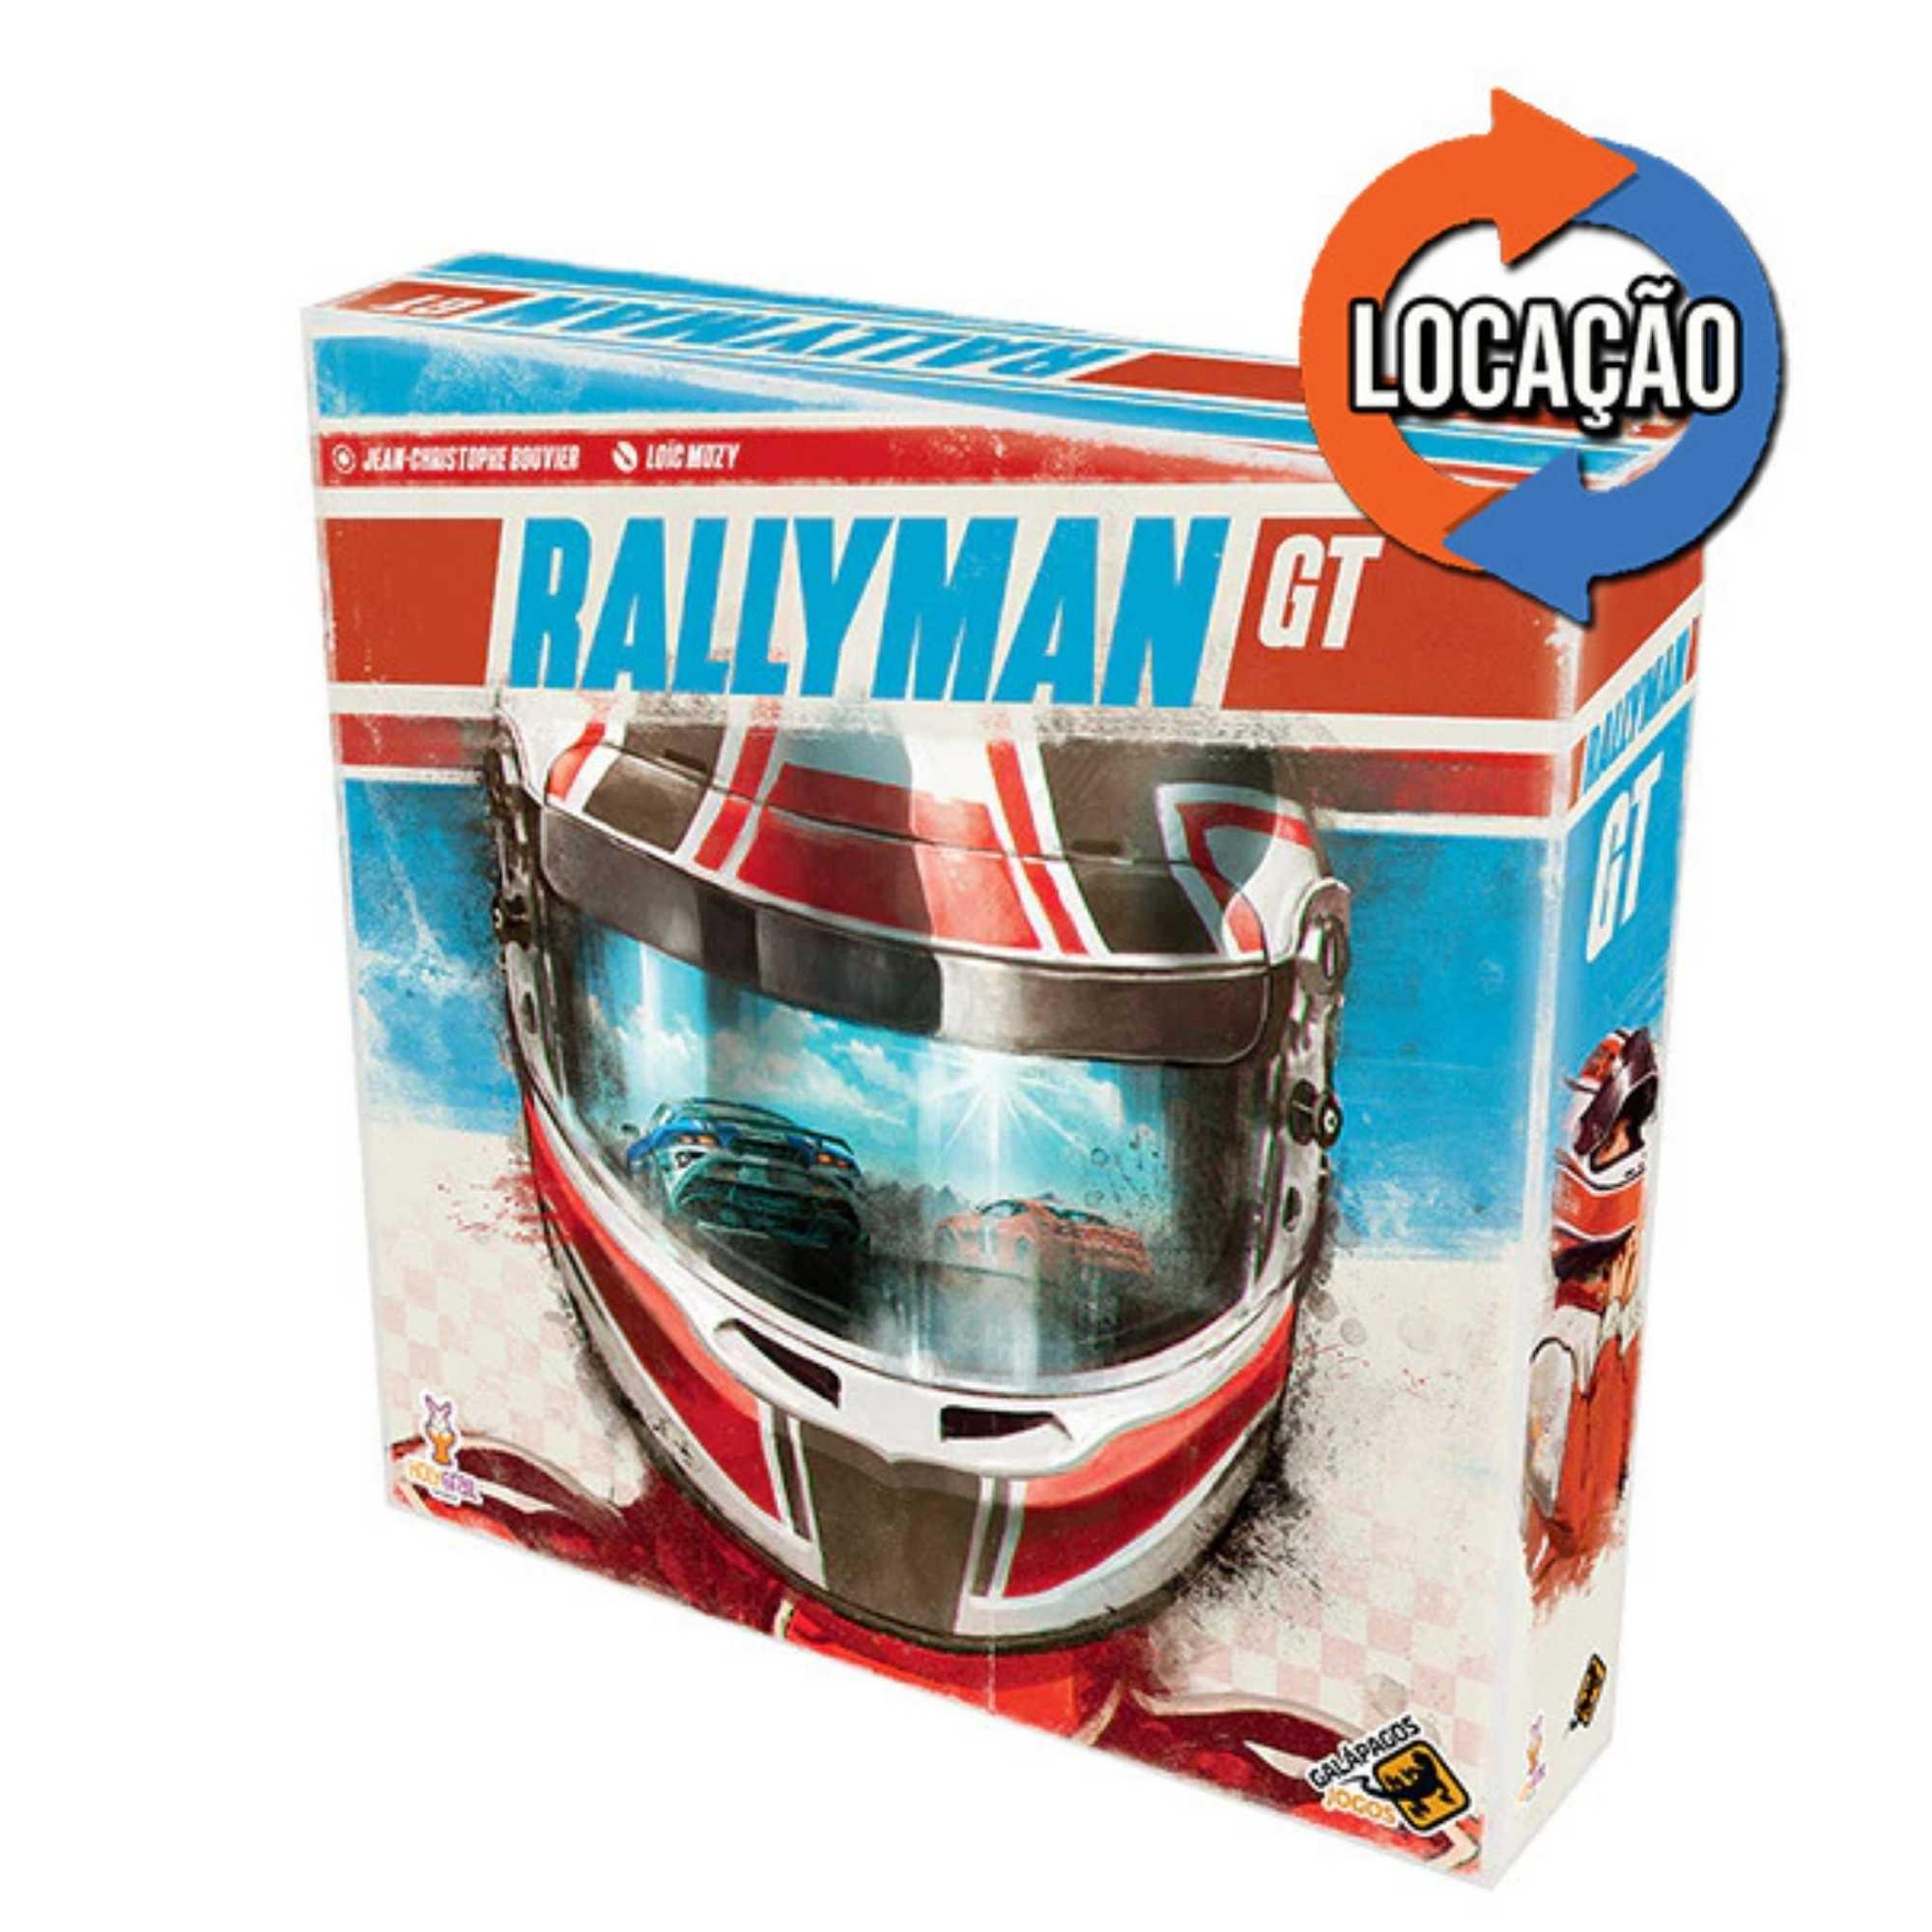 Rallyman GT (Locação)